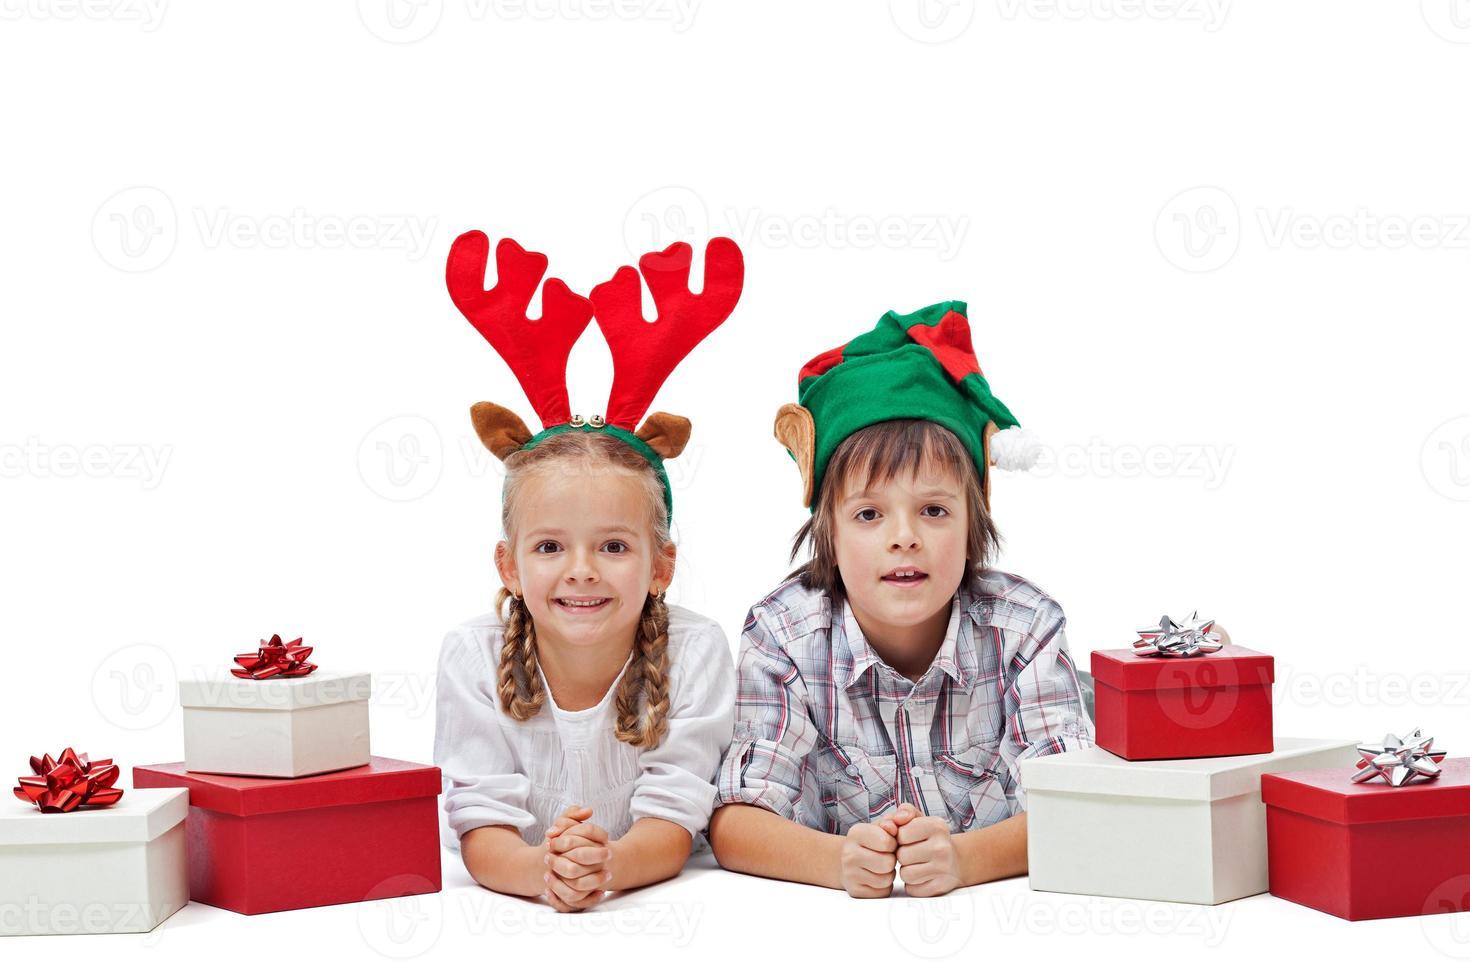 gelukkige kinderen met elf en rendieren hoeden tot onder cadeautjes foto